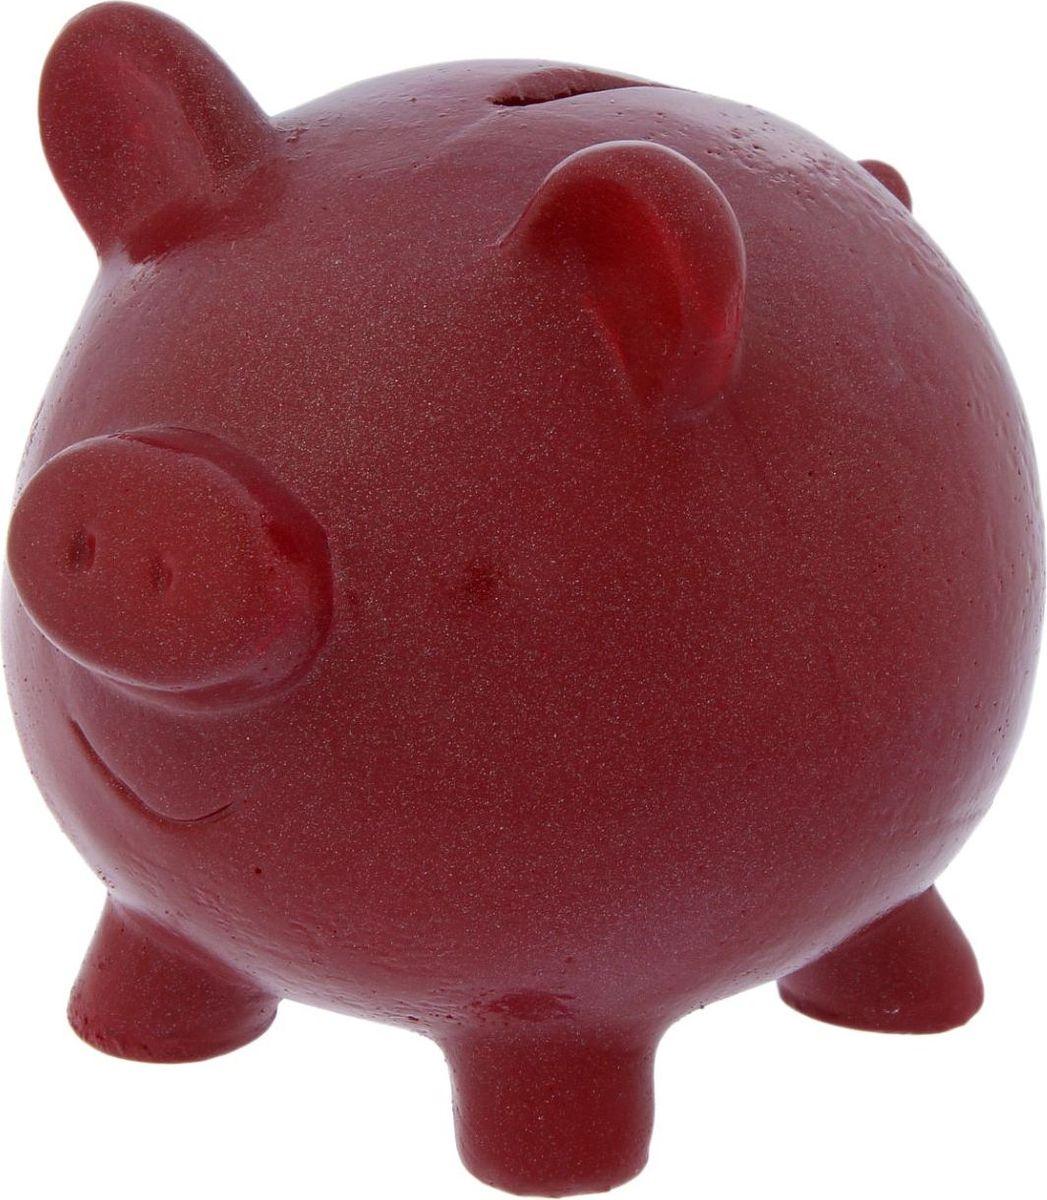 Копилка Пятак, цвет: бордовый, 15 х 12 х 14,5 см2387713Копилка — универсальный вариант подарка любому человеку, ведь каждый из нас мечтает о какой-то дорогостоящей вещи и откладывает или собирается откладывать деньги на её приобретение. Вместительная копилка станет прекрасным хранителем сбережений и украшением интерьера. Она выглядит так ярко и эффектно, что проходя мимо, обязательно захочется забросить пару монет. Обращаем ваше внимание, что копилка является одноразовой.